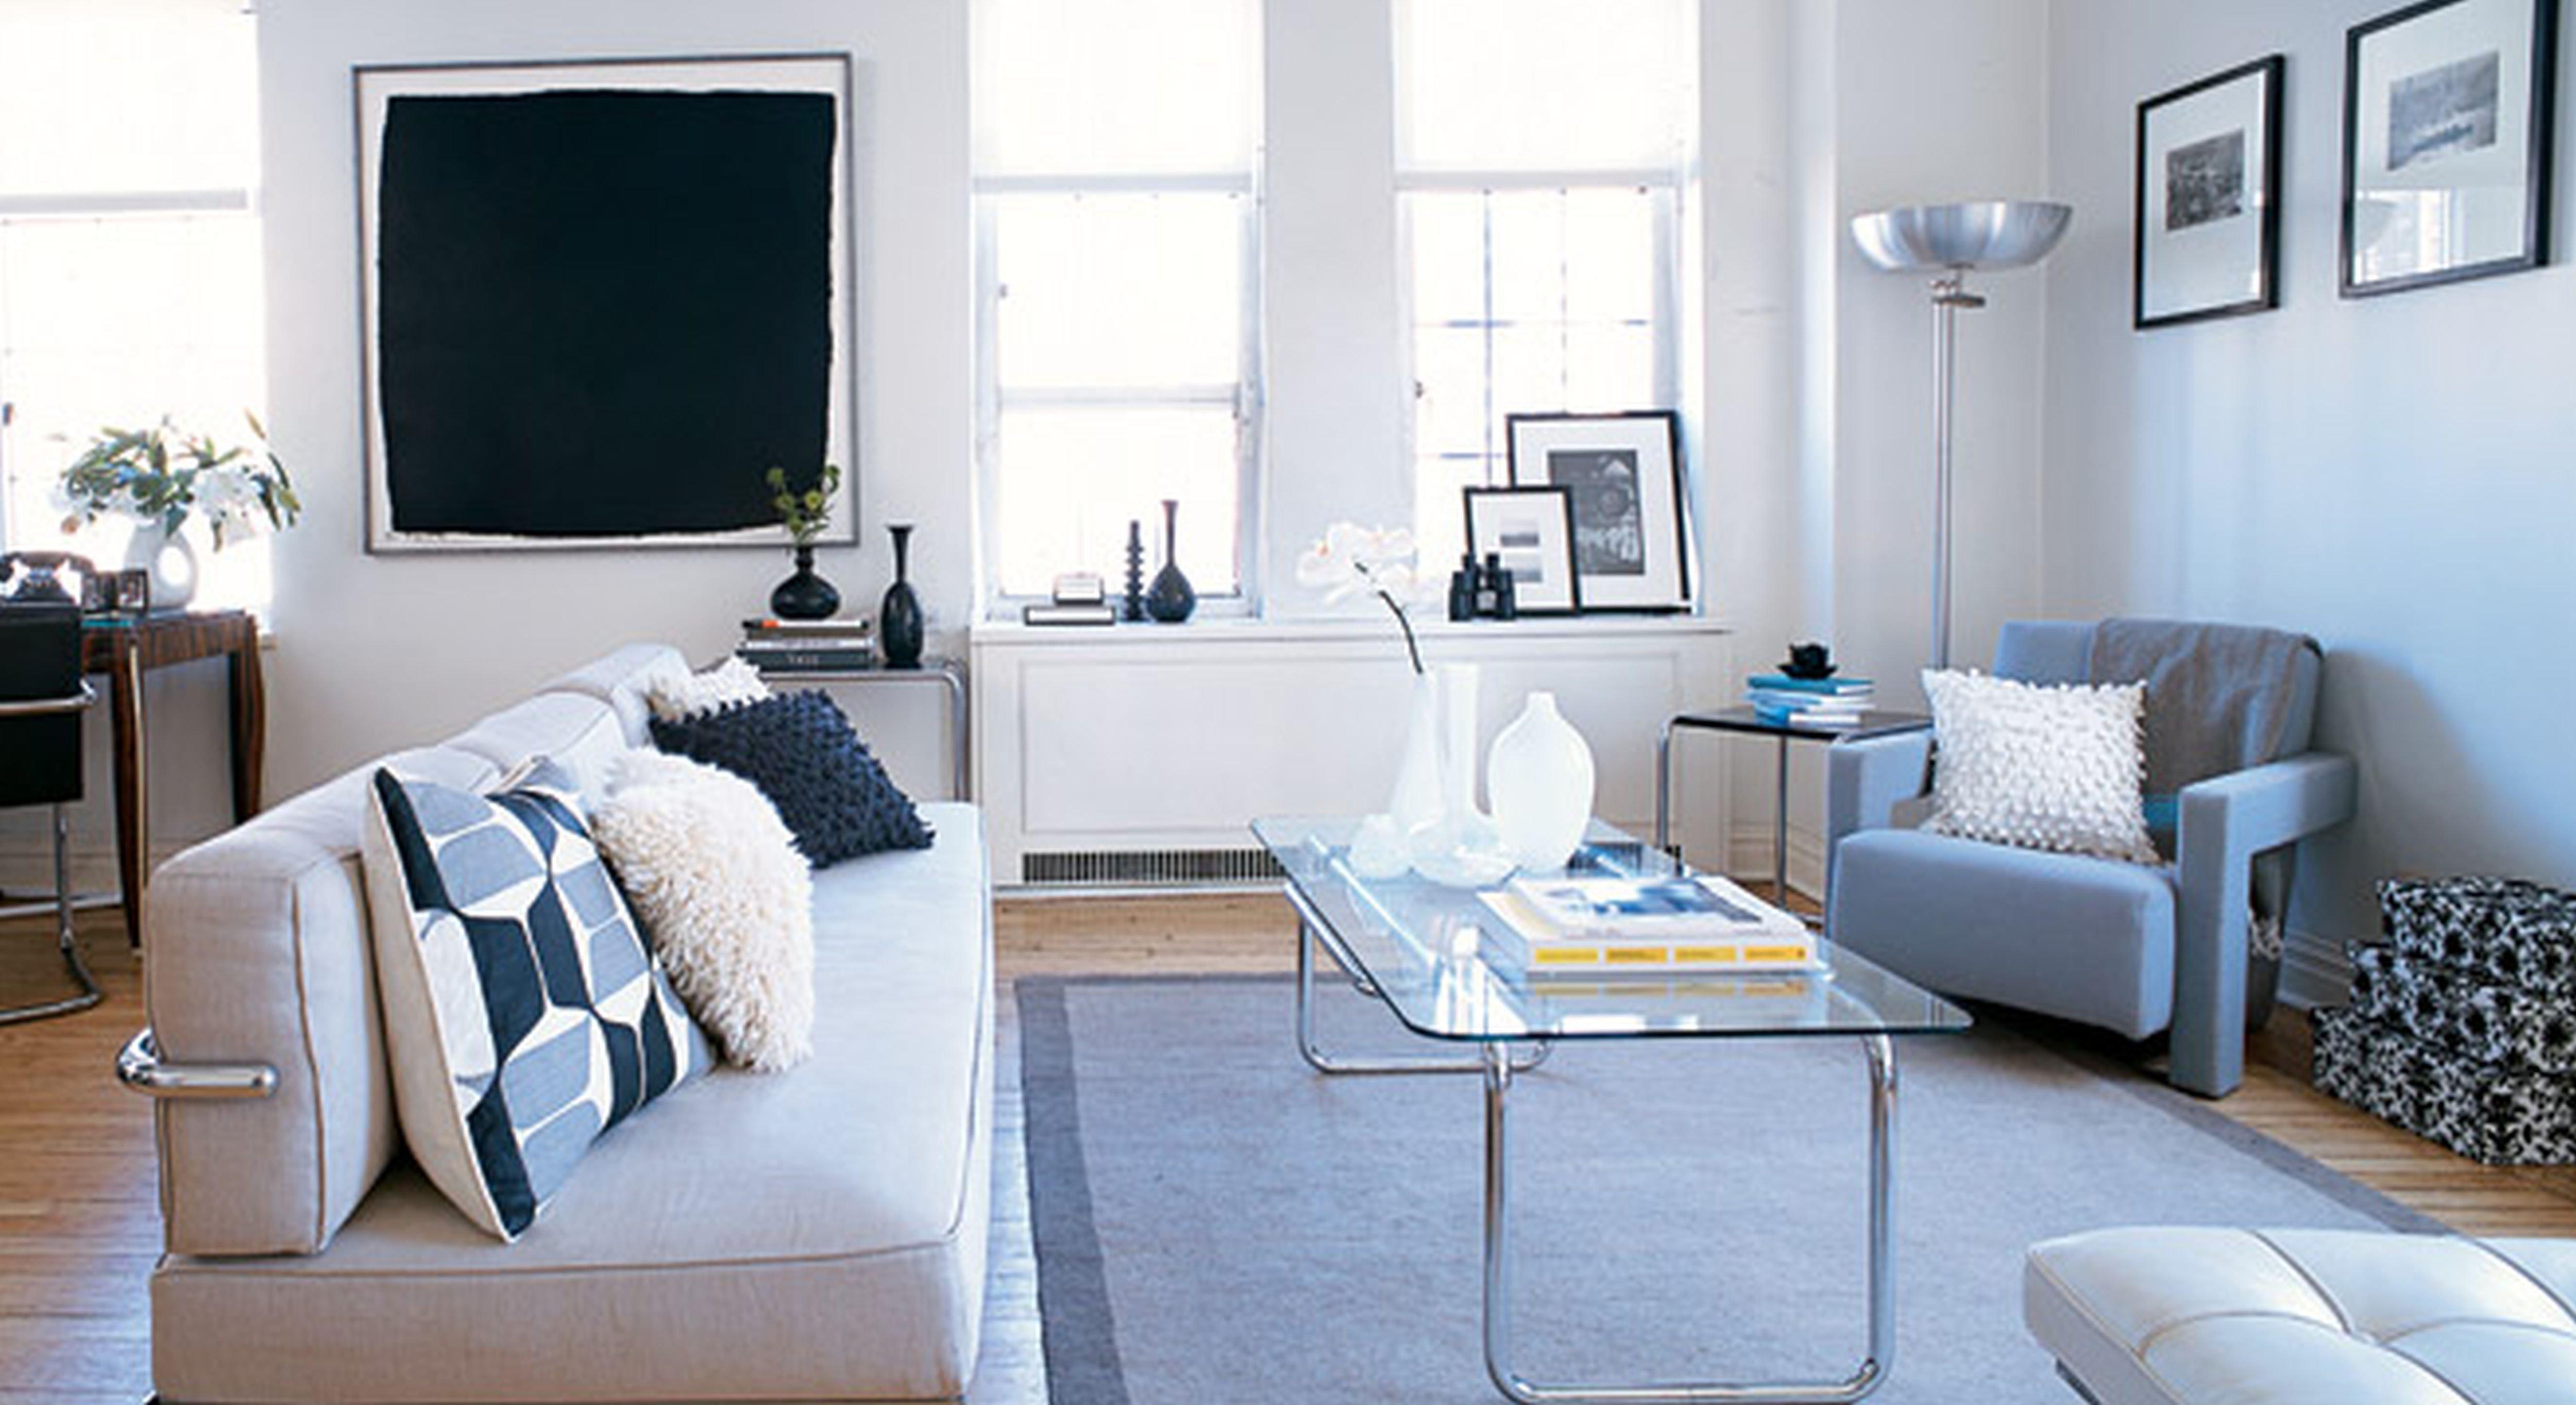 10 Pretty Decorating Ideas For Studio Apartments apartment small apartment furniture ideas bedroom interior plus 2020